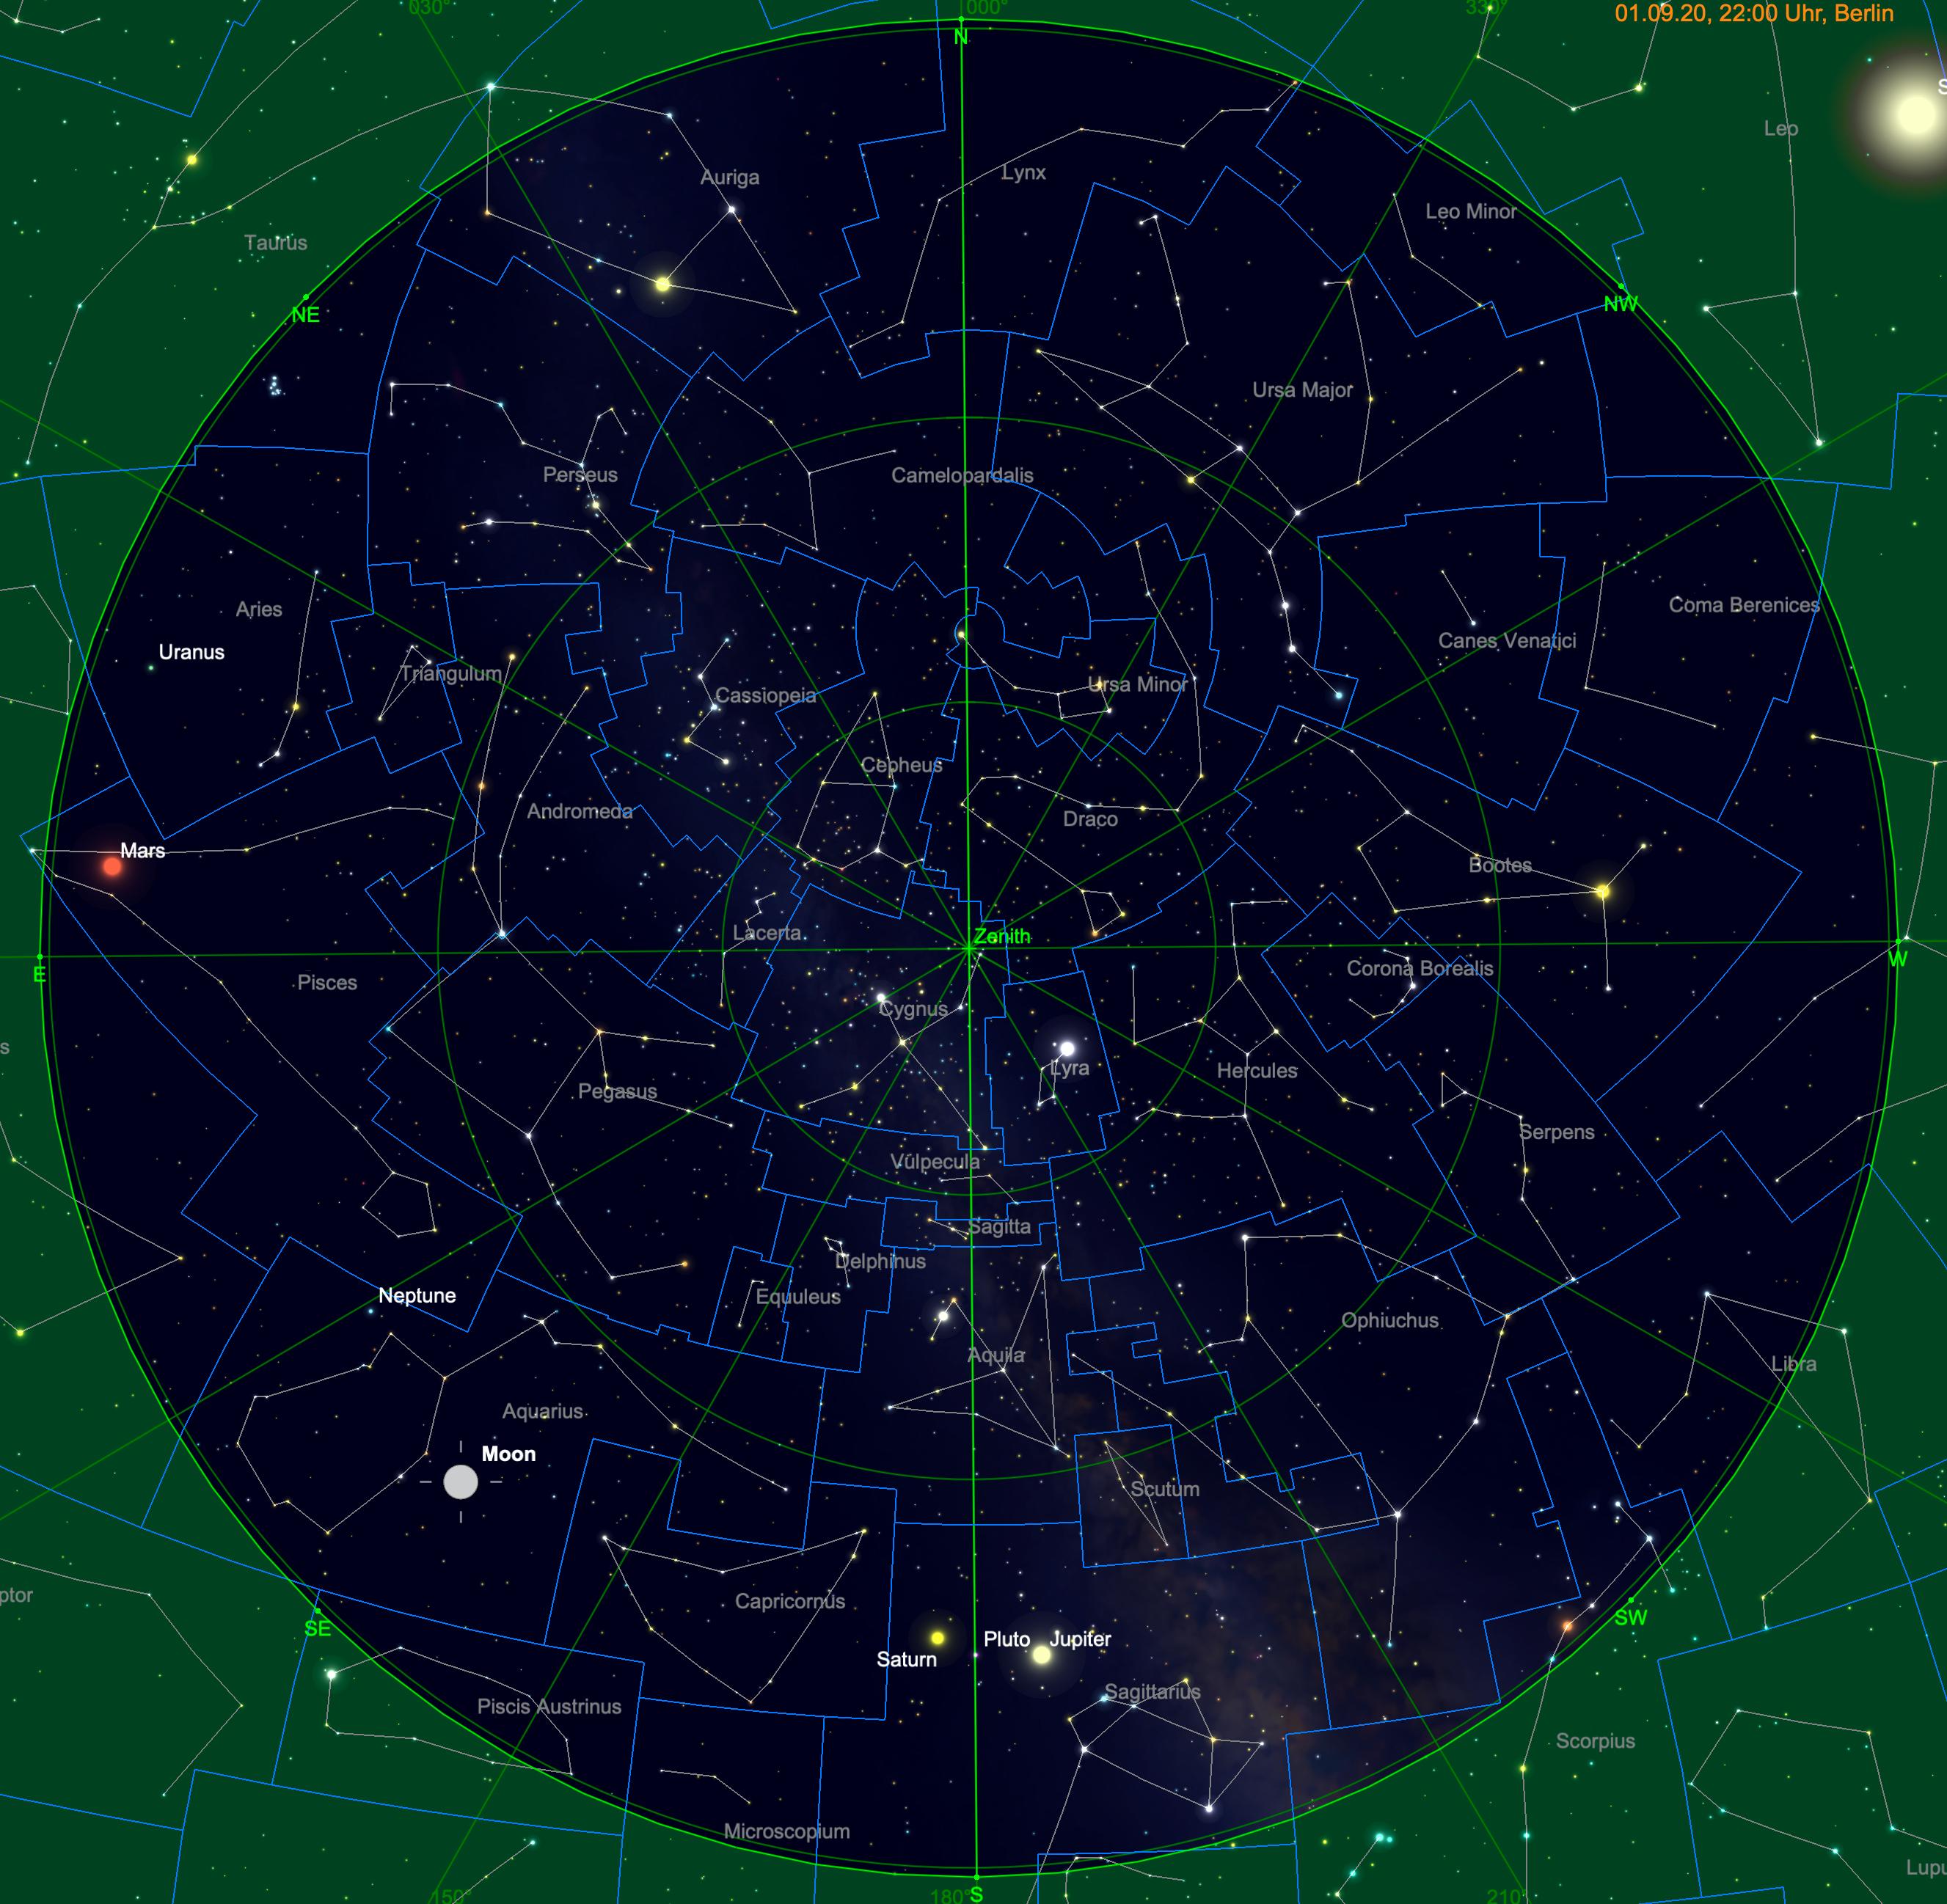 Meridiandurchgang von Jupiter und Saturn am 1. September